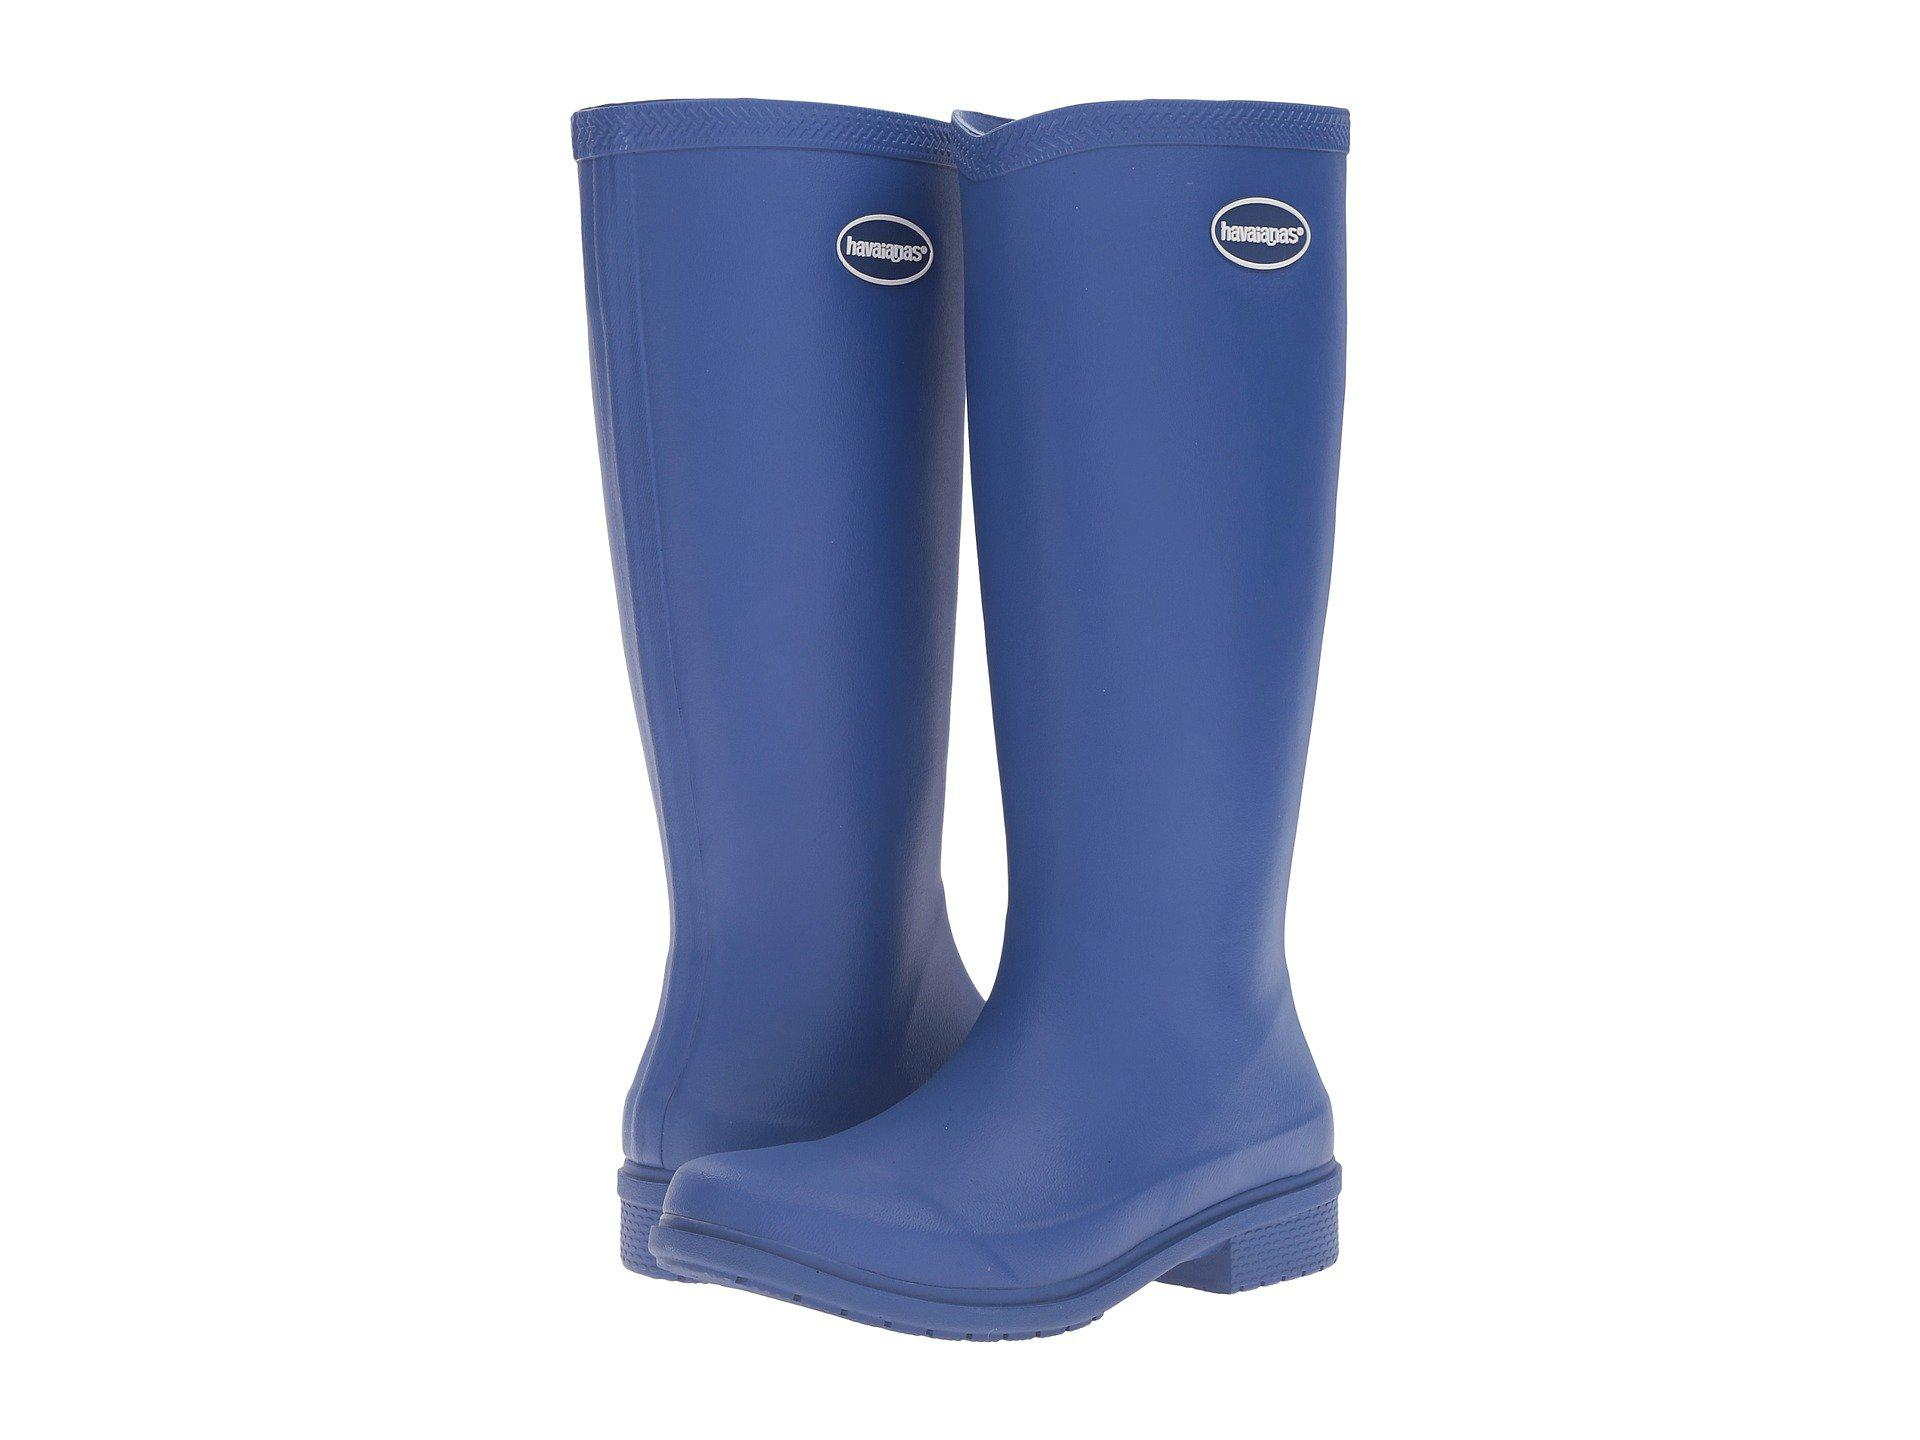 ee0459ec1ade Lyst - Havaianas Rain Boot Galochas